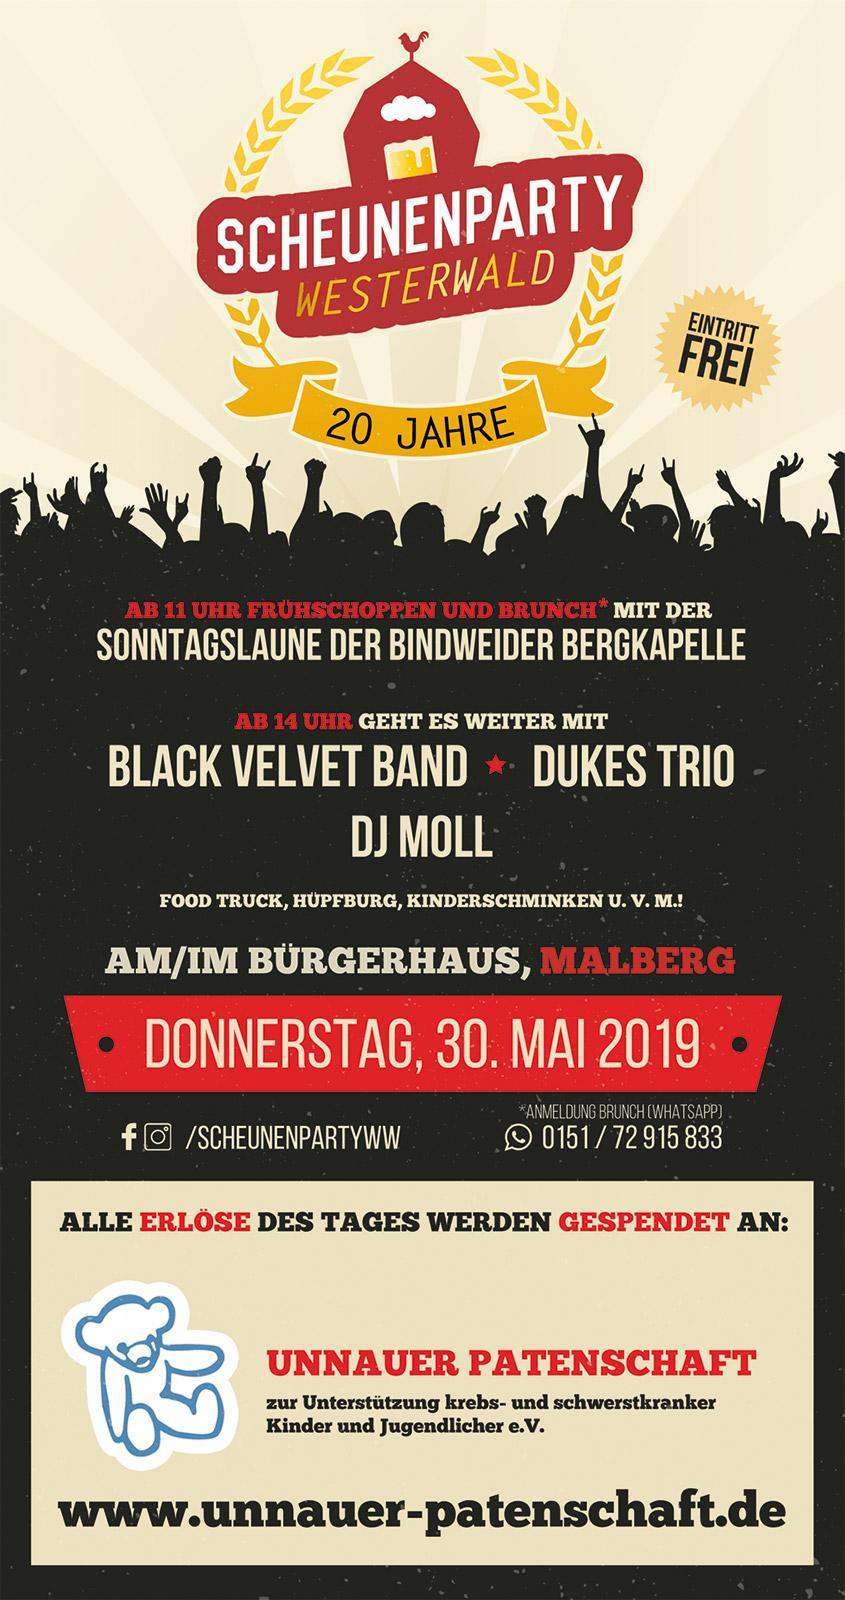 Scheunenparty Westerwald am 30.05.2019